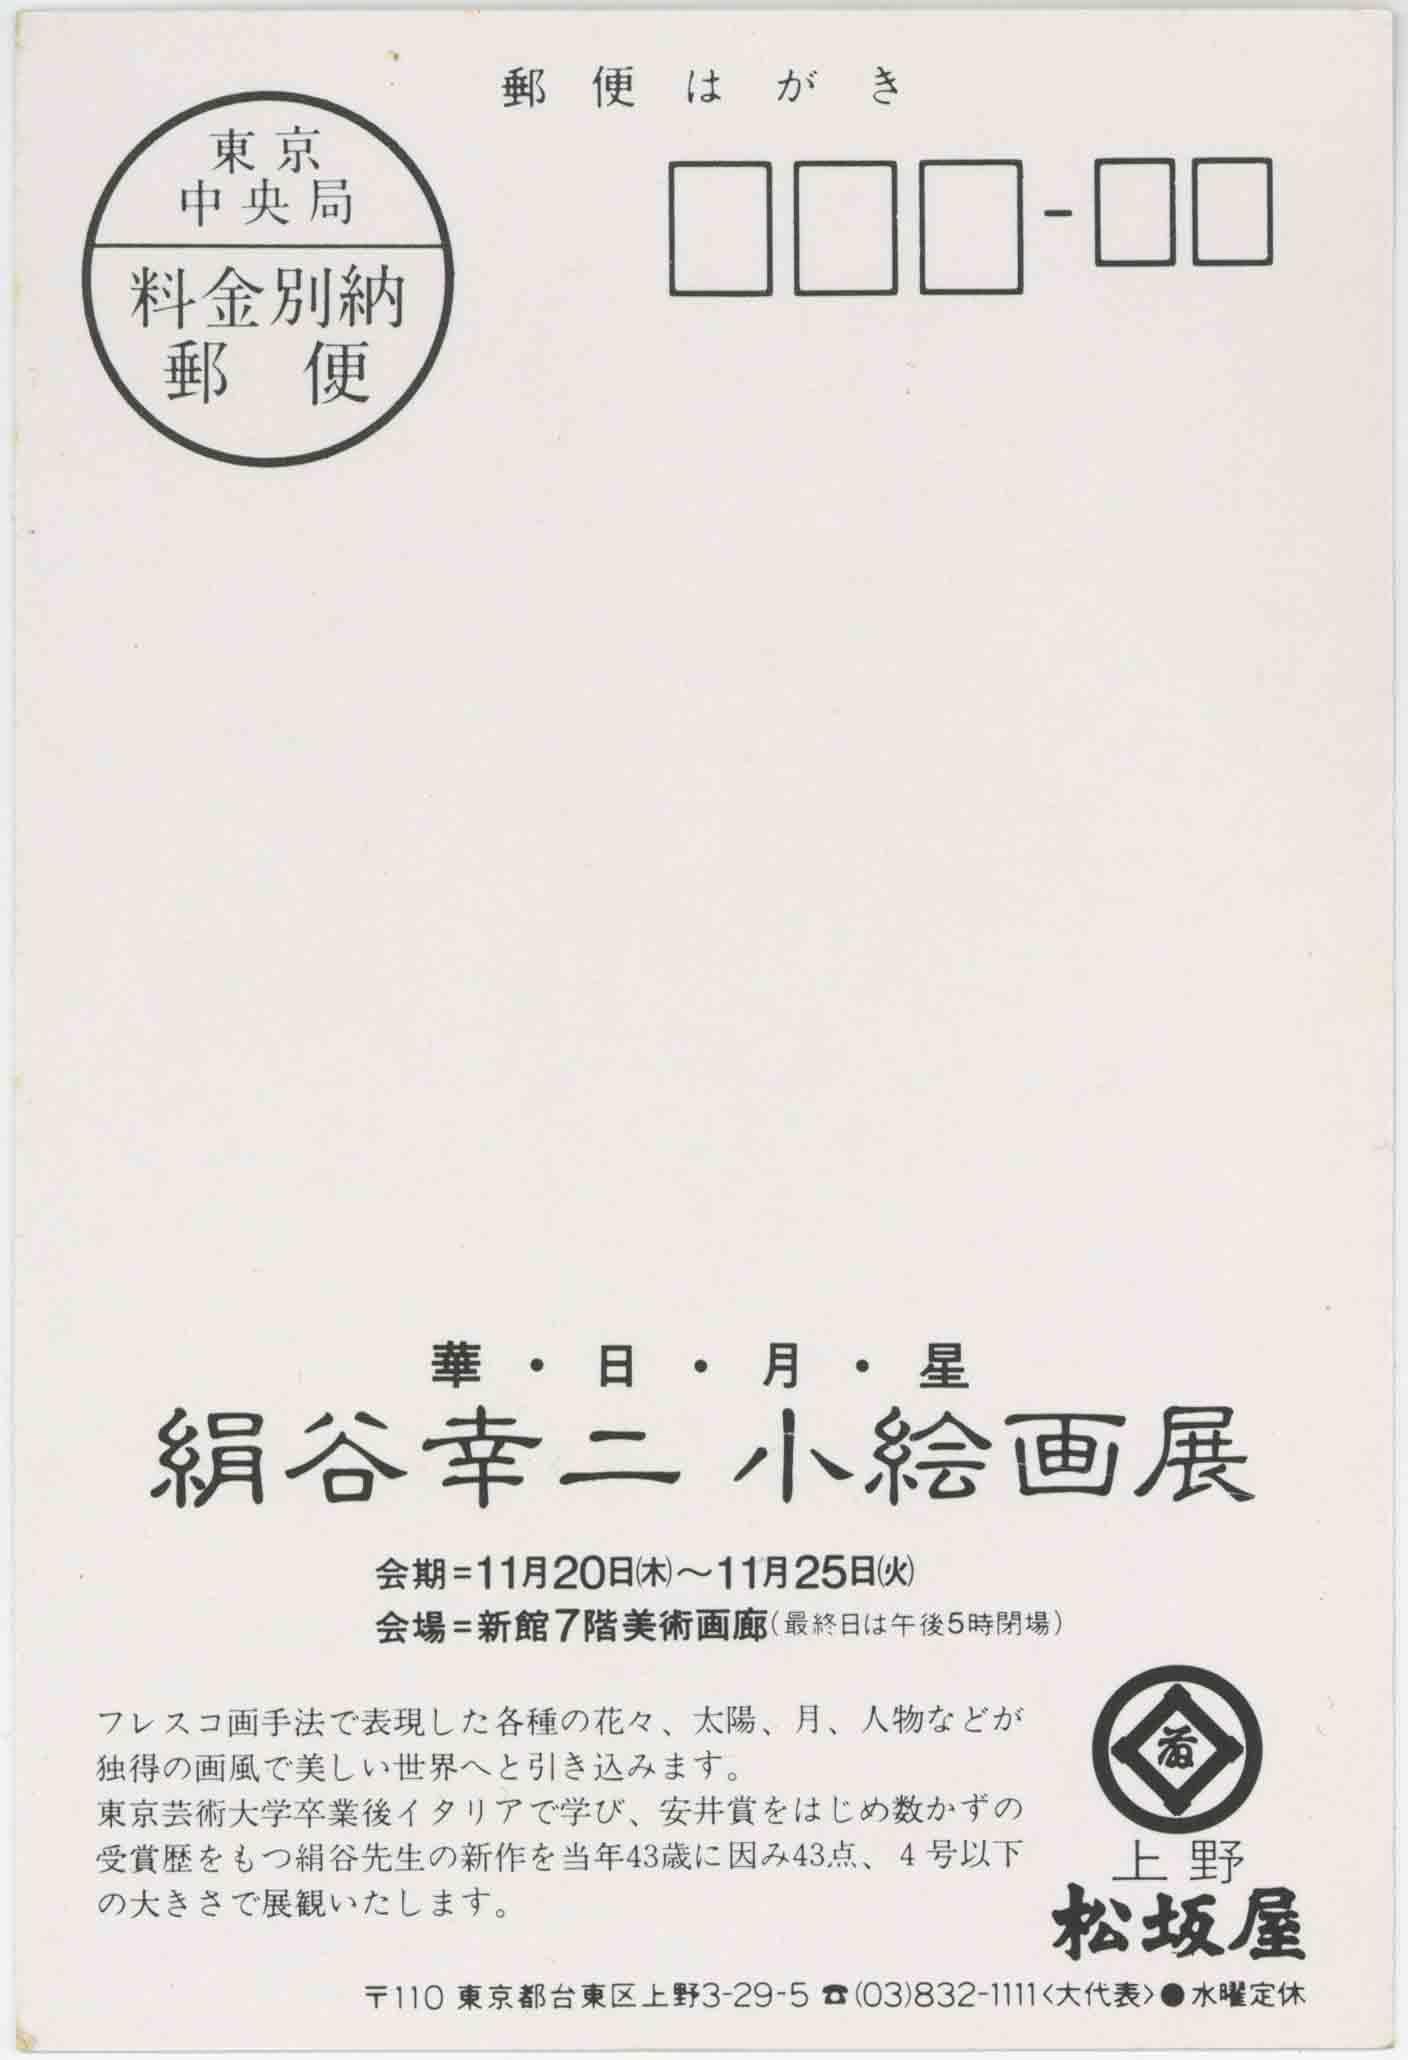 華・日・月・星 絹谷幸二 小絵画展